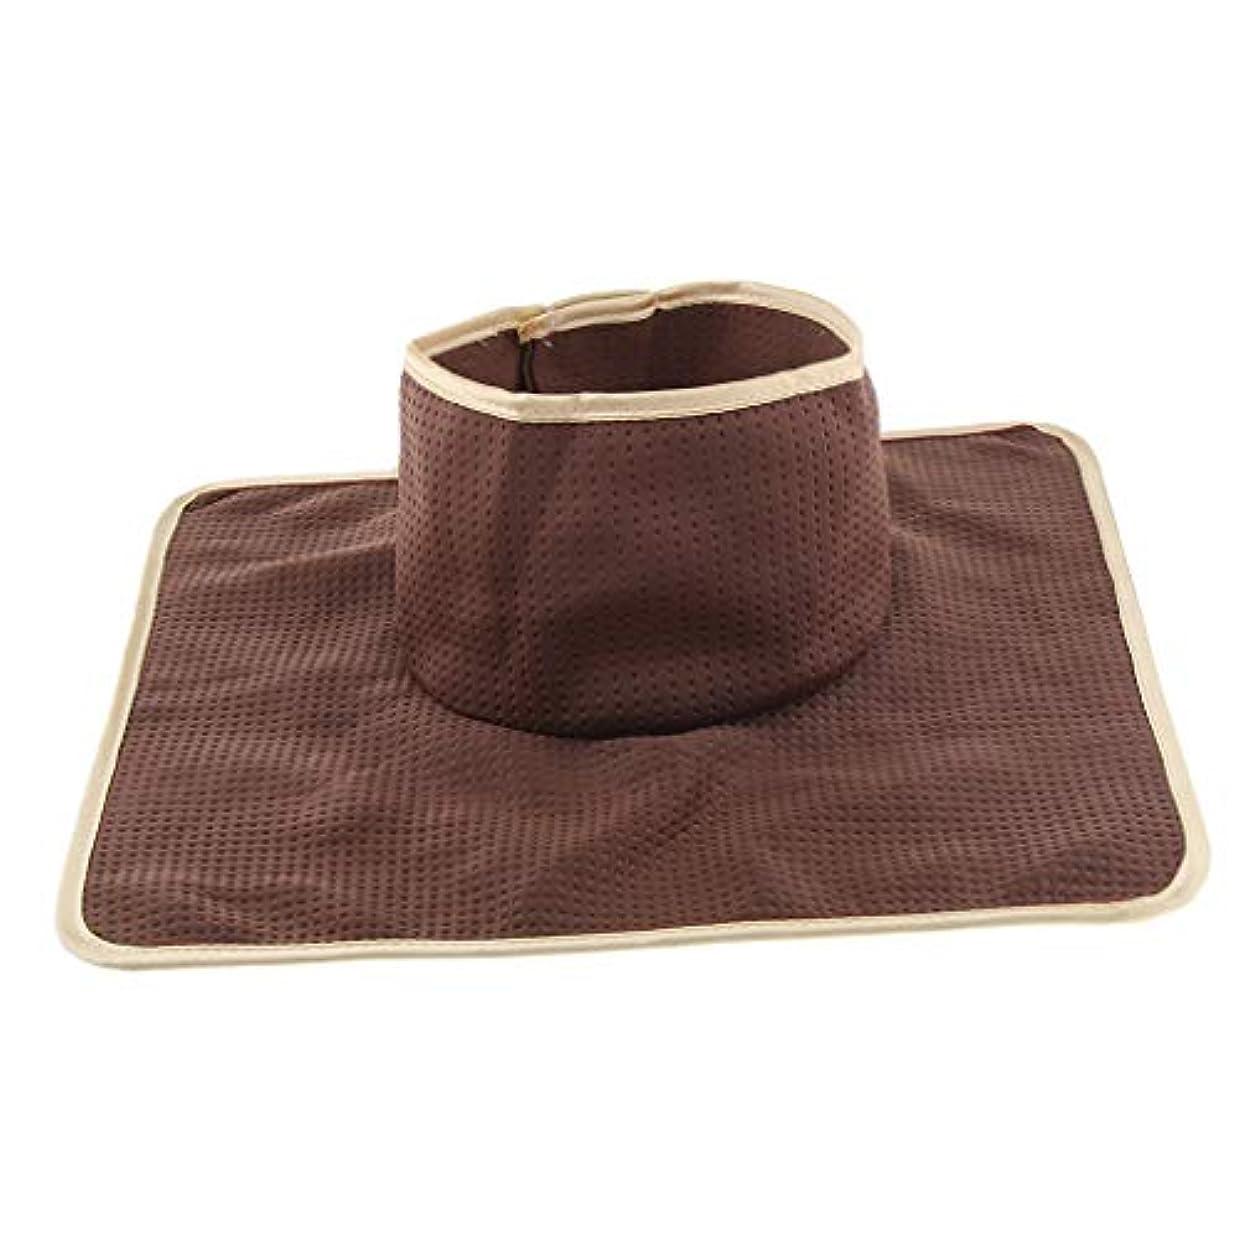 ギャンブルライオンパッチマッサージベッド サロンテーブル シート パッド 頭の穴 洗濯可能 約35×35cm 全3色 - コーヒー